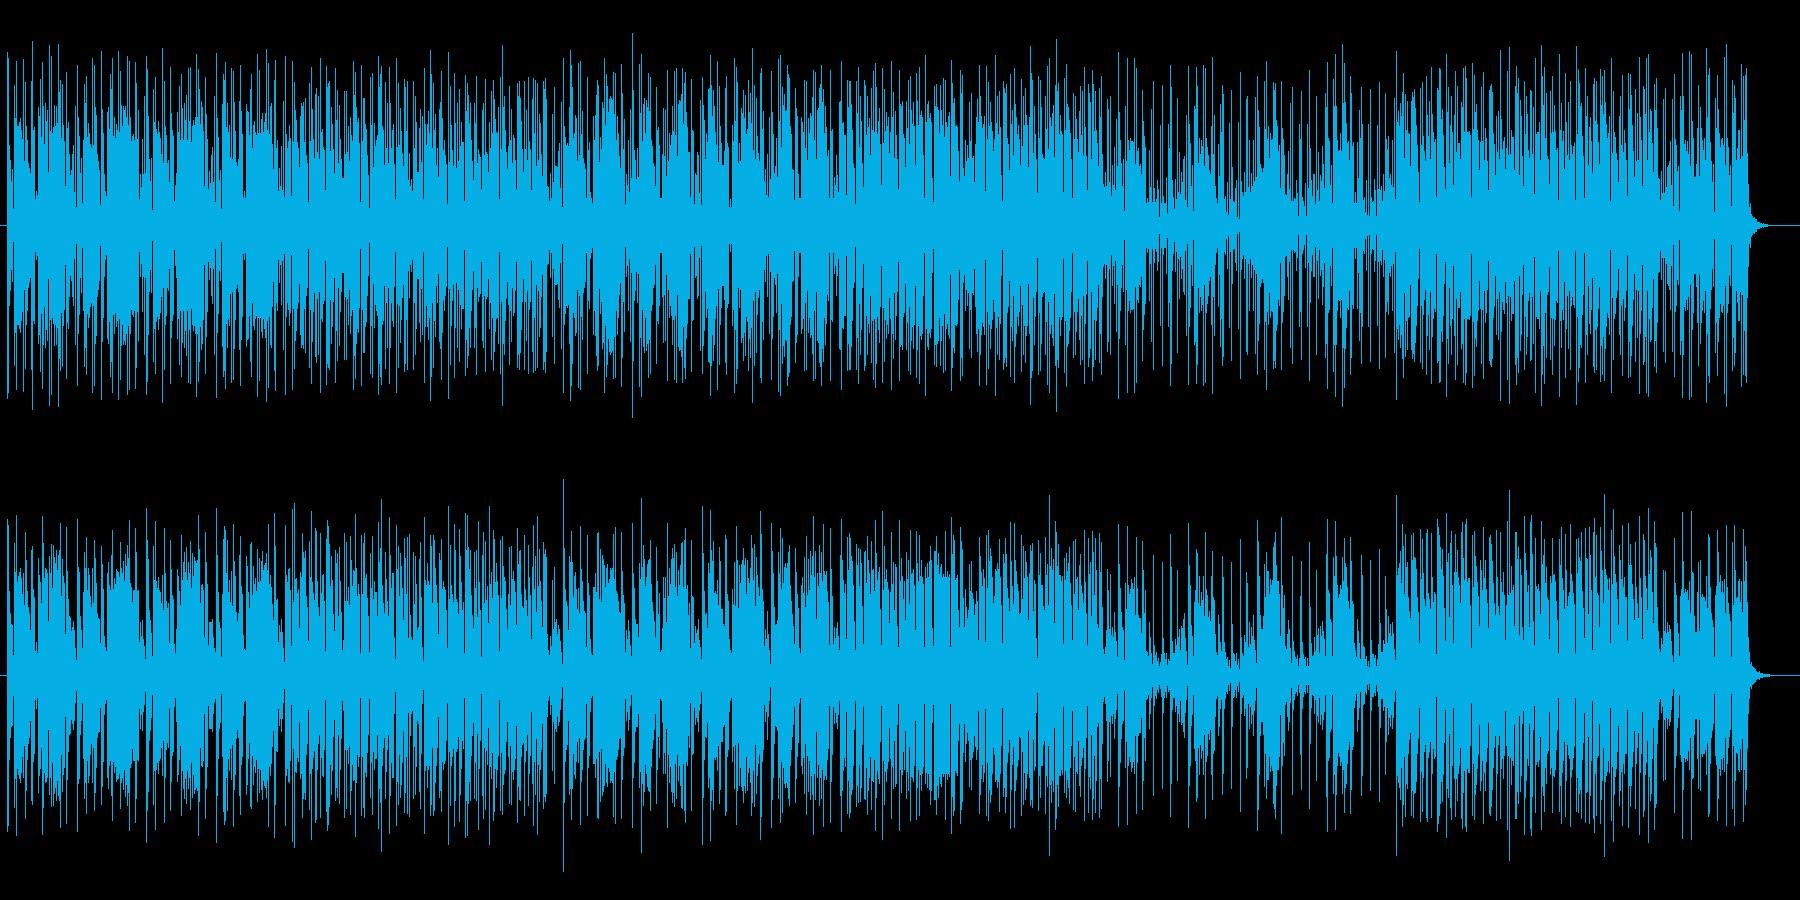 コミカルで愉快なポップサウンドの再生済みの波形